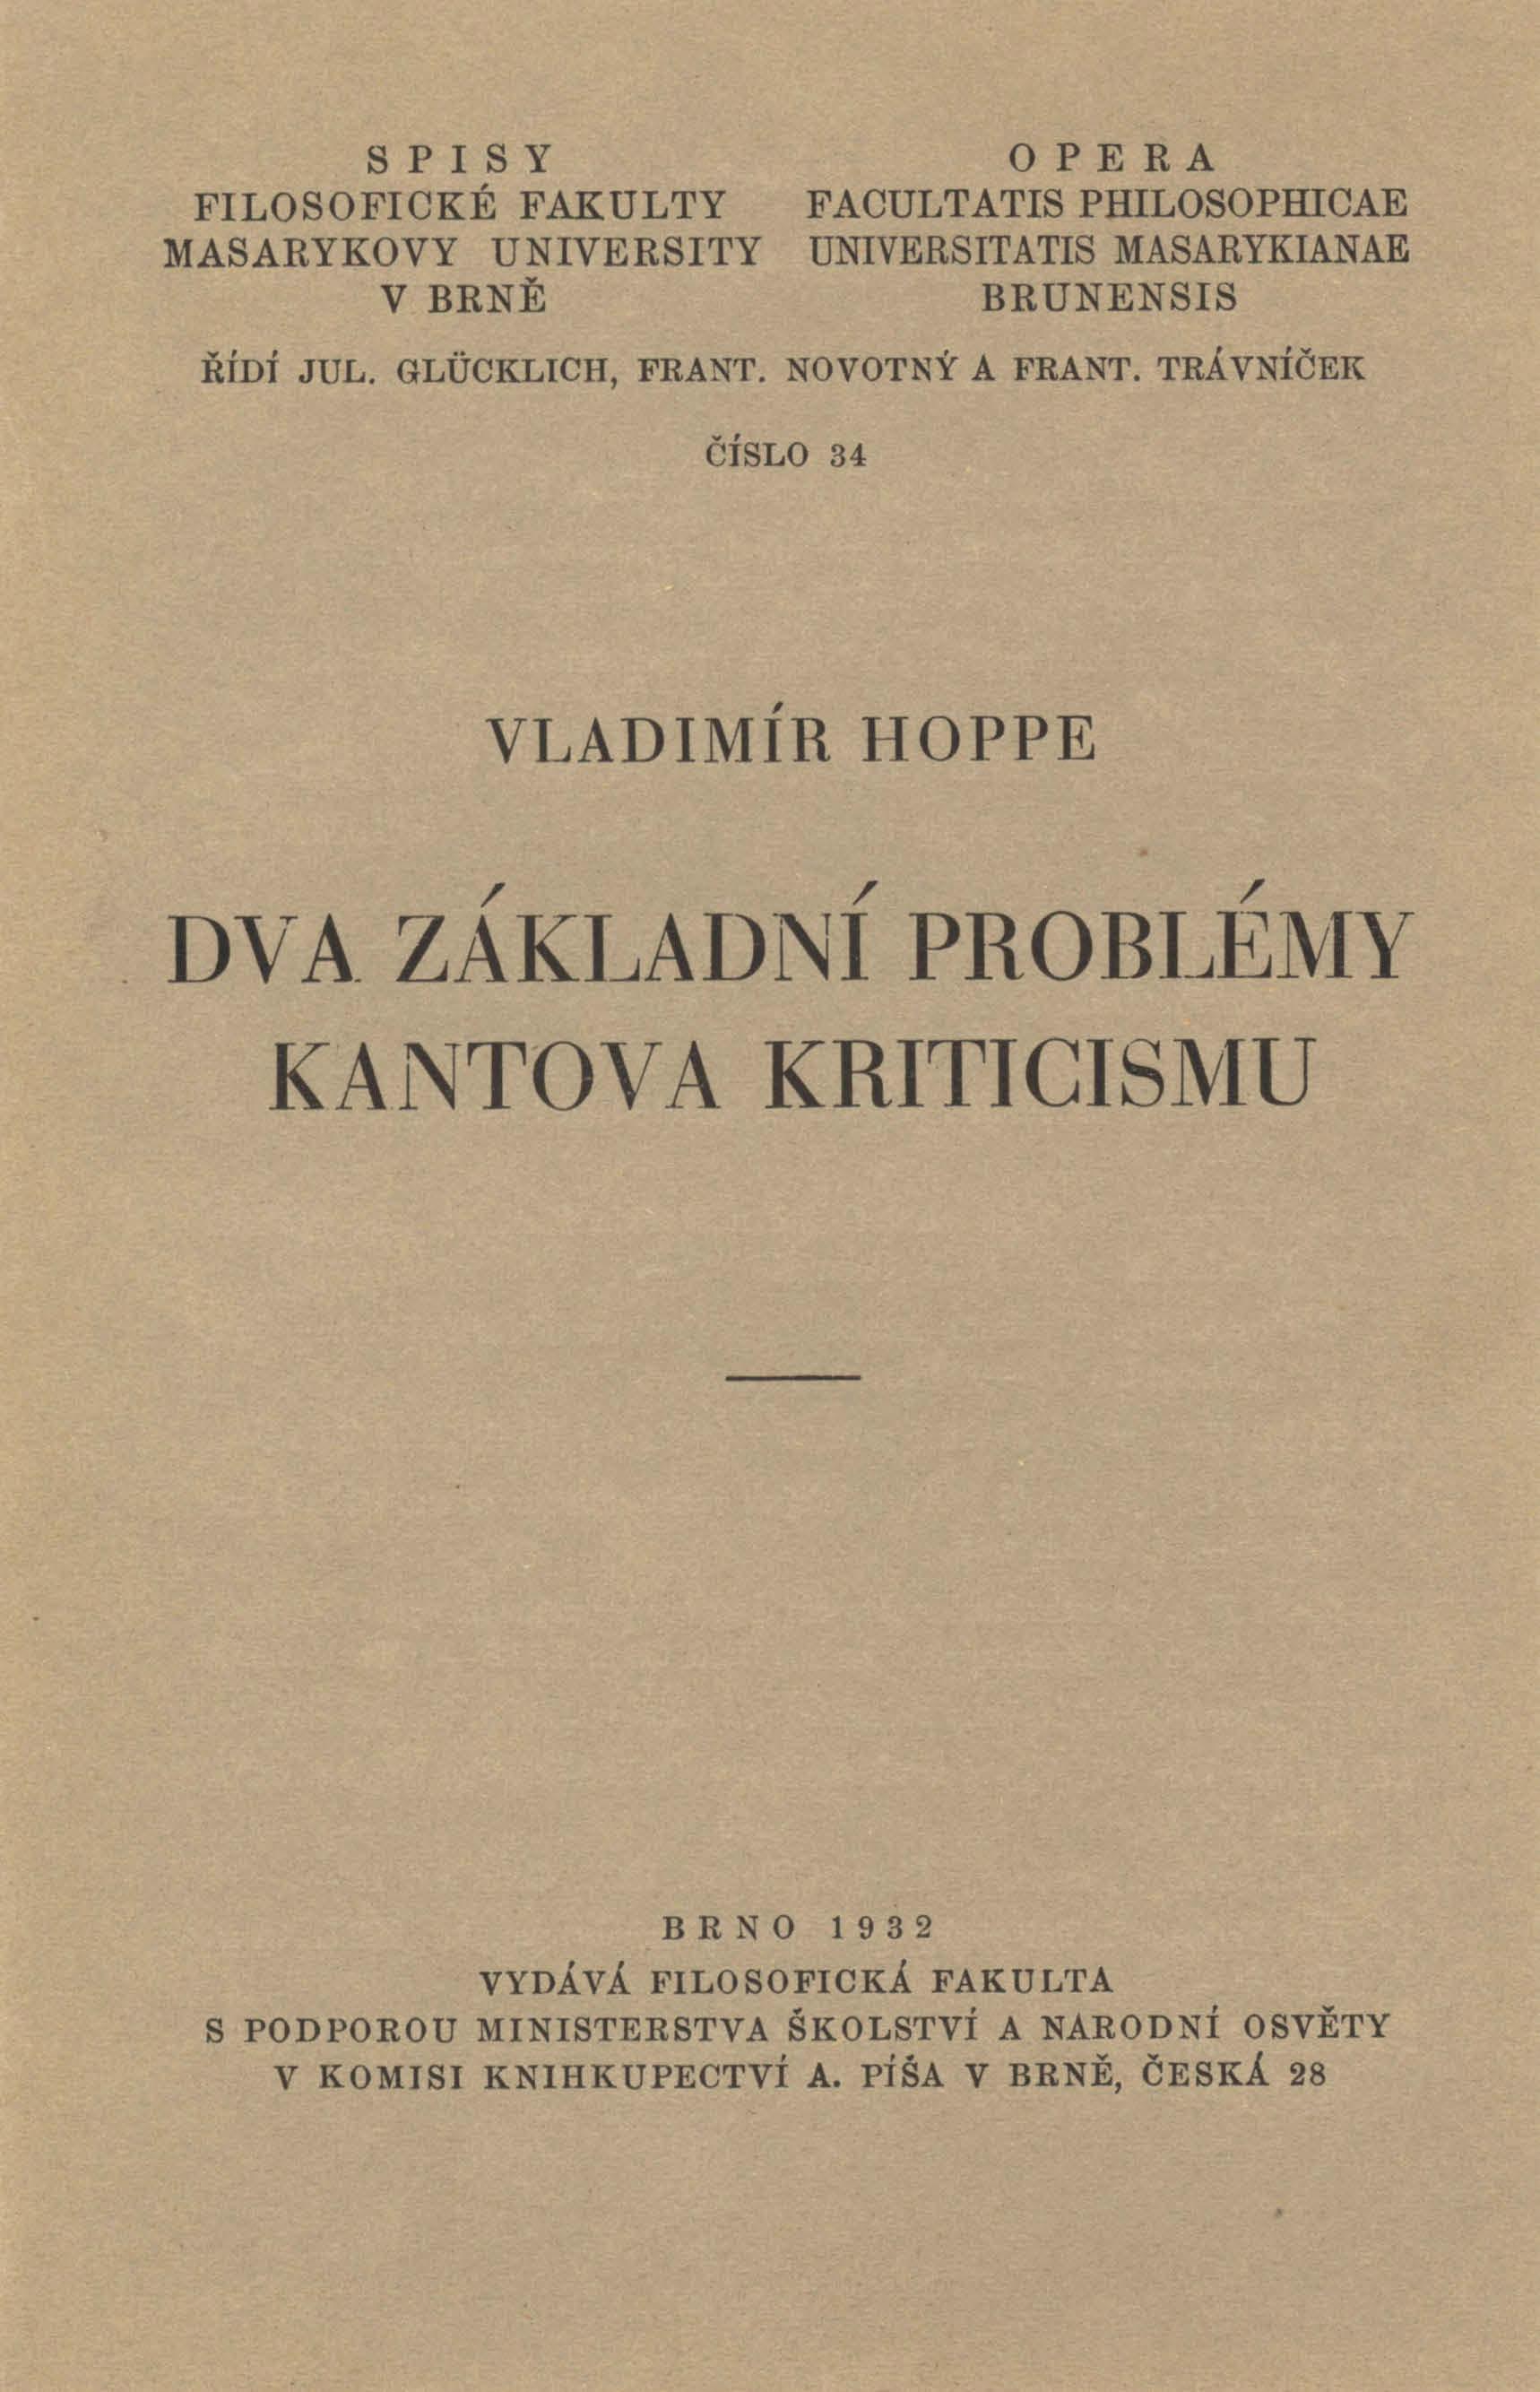 Obálka pro Dva základní problémy Kantova kriticismu